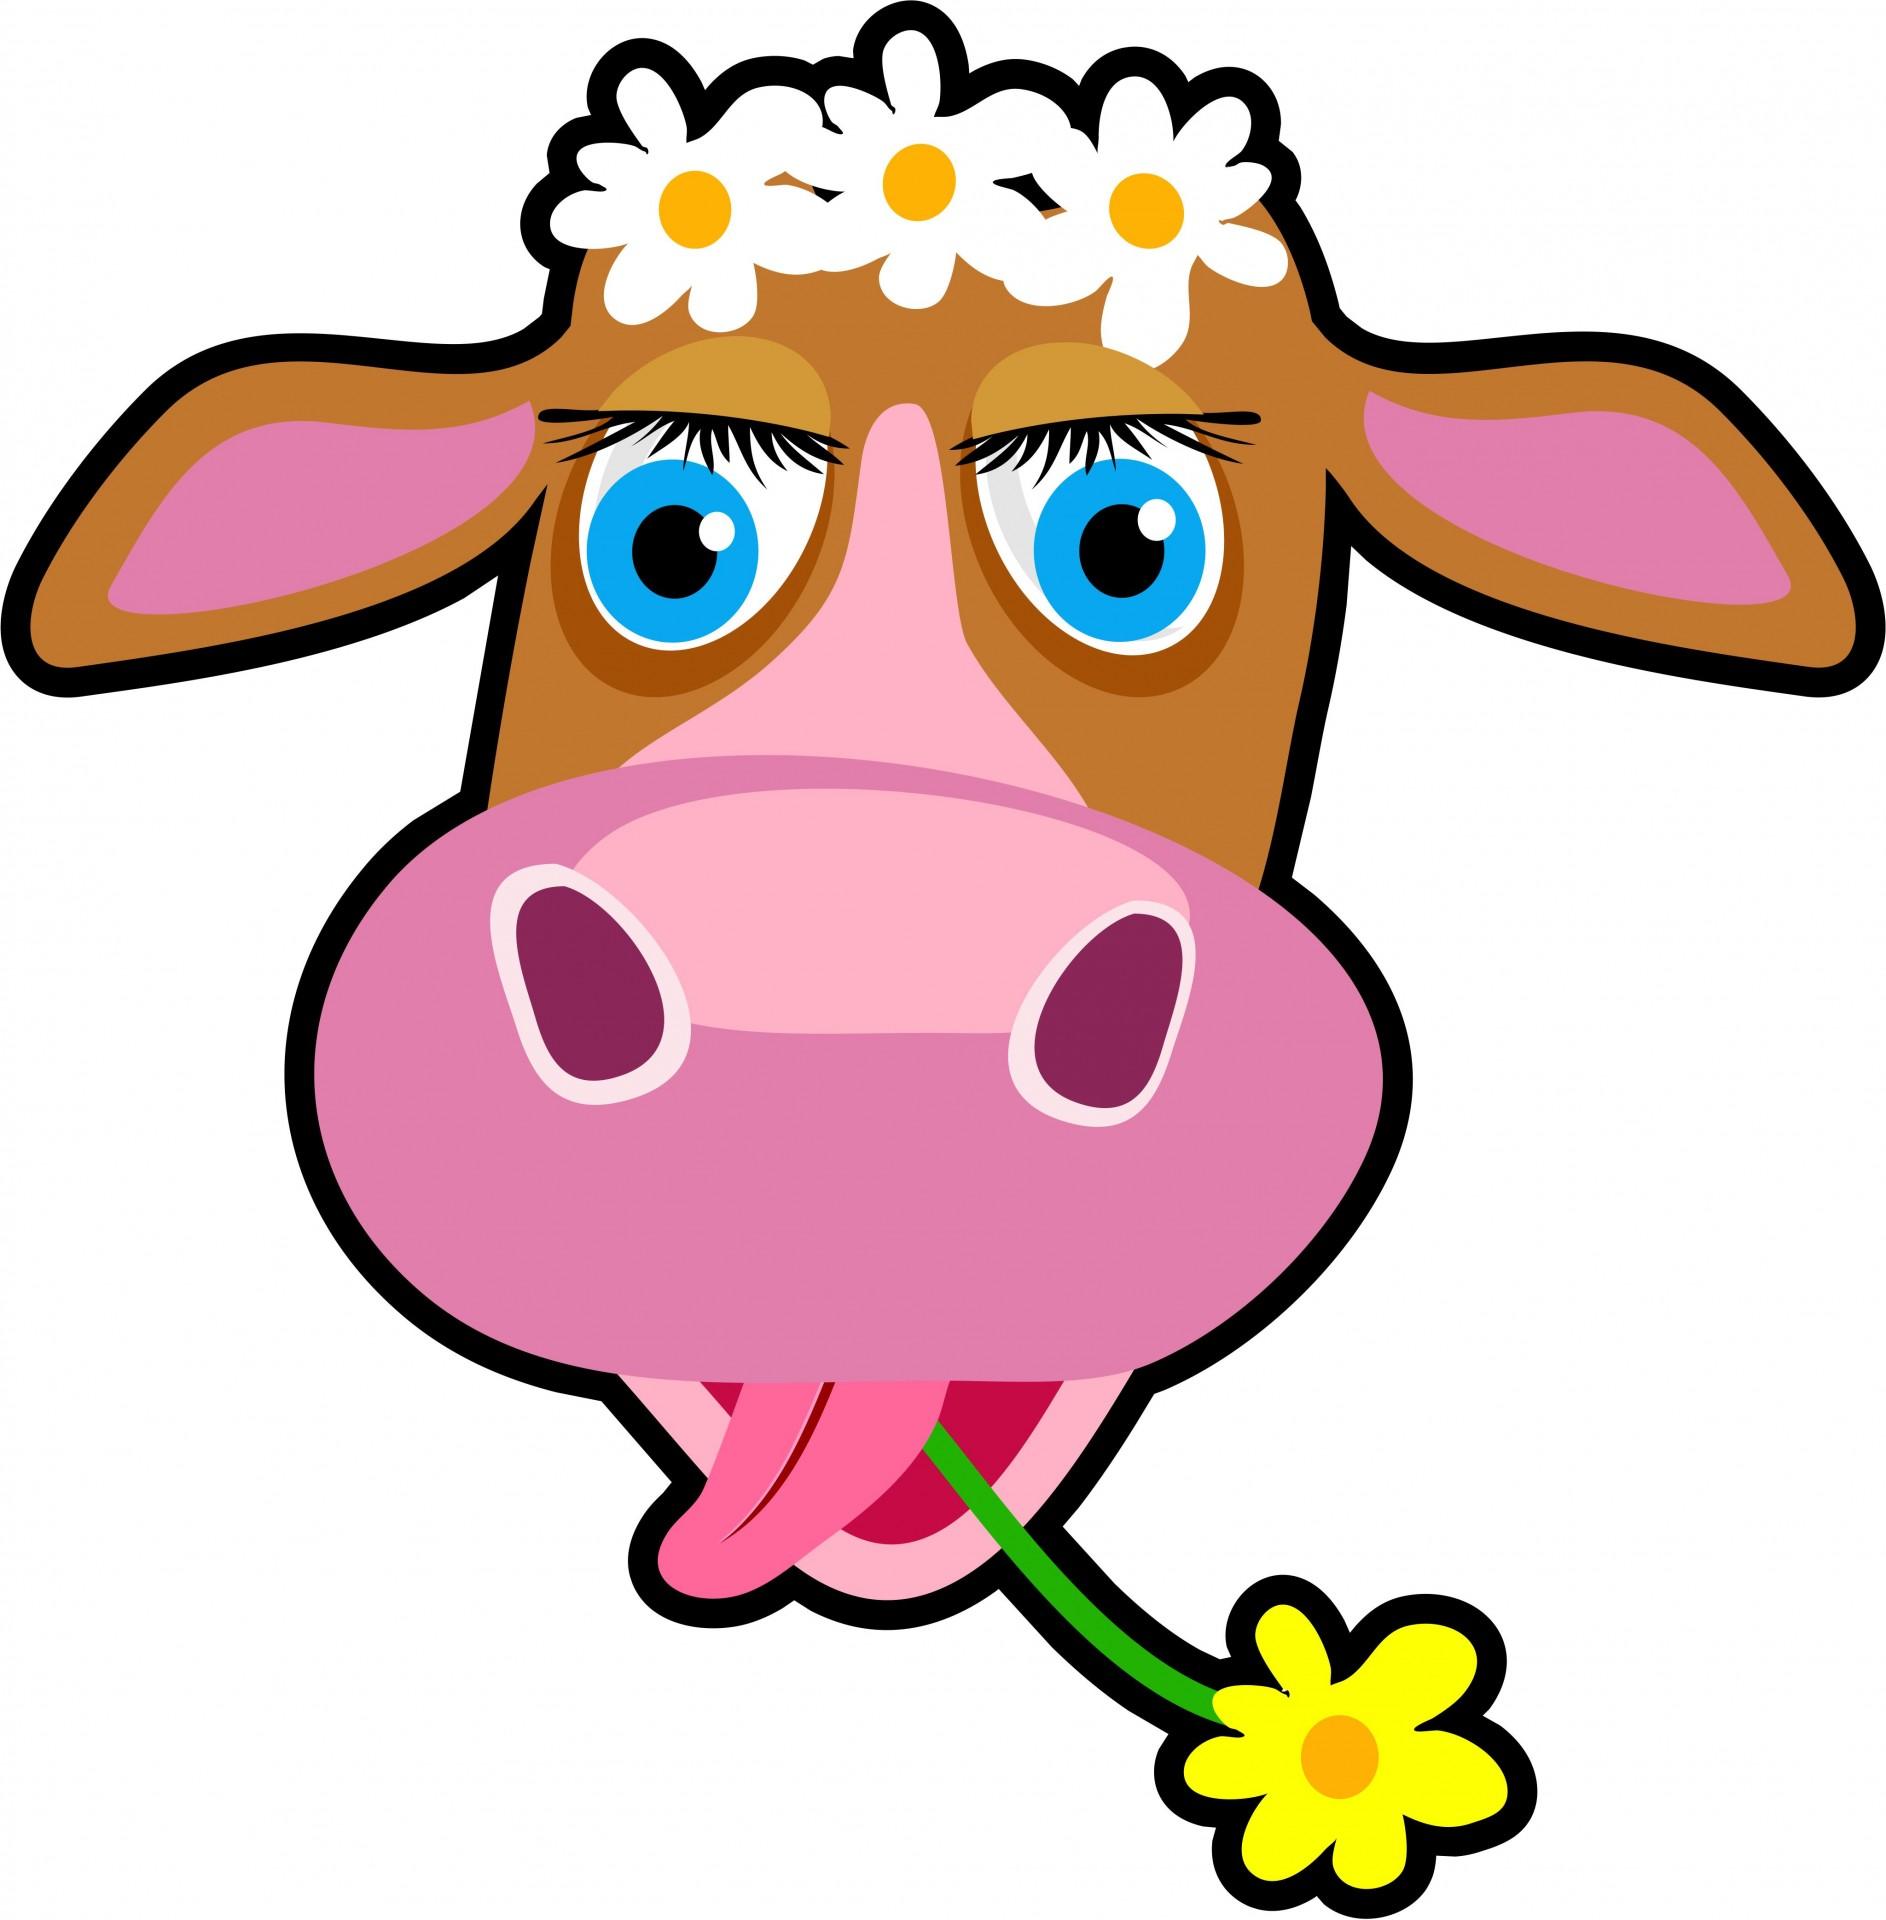 1886x1920 Cows Clipart